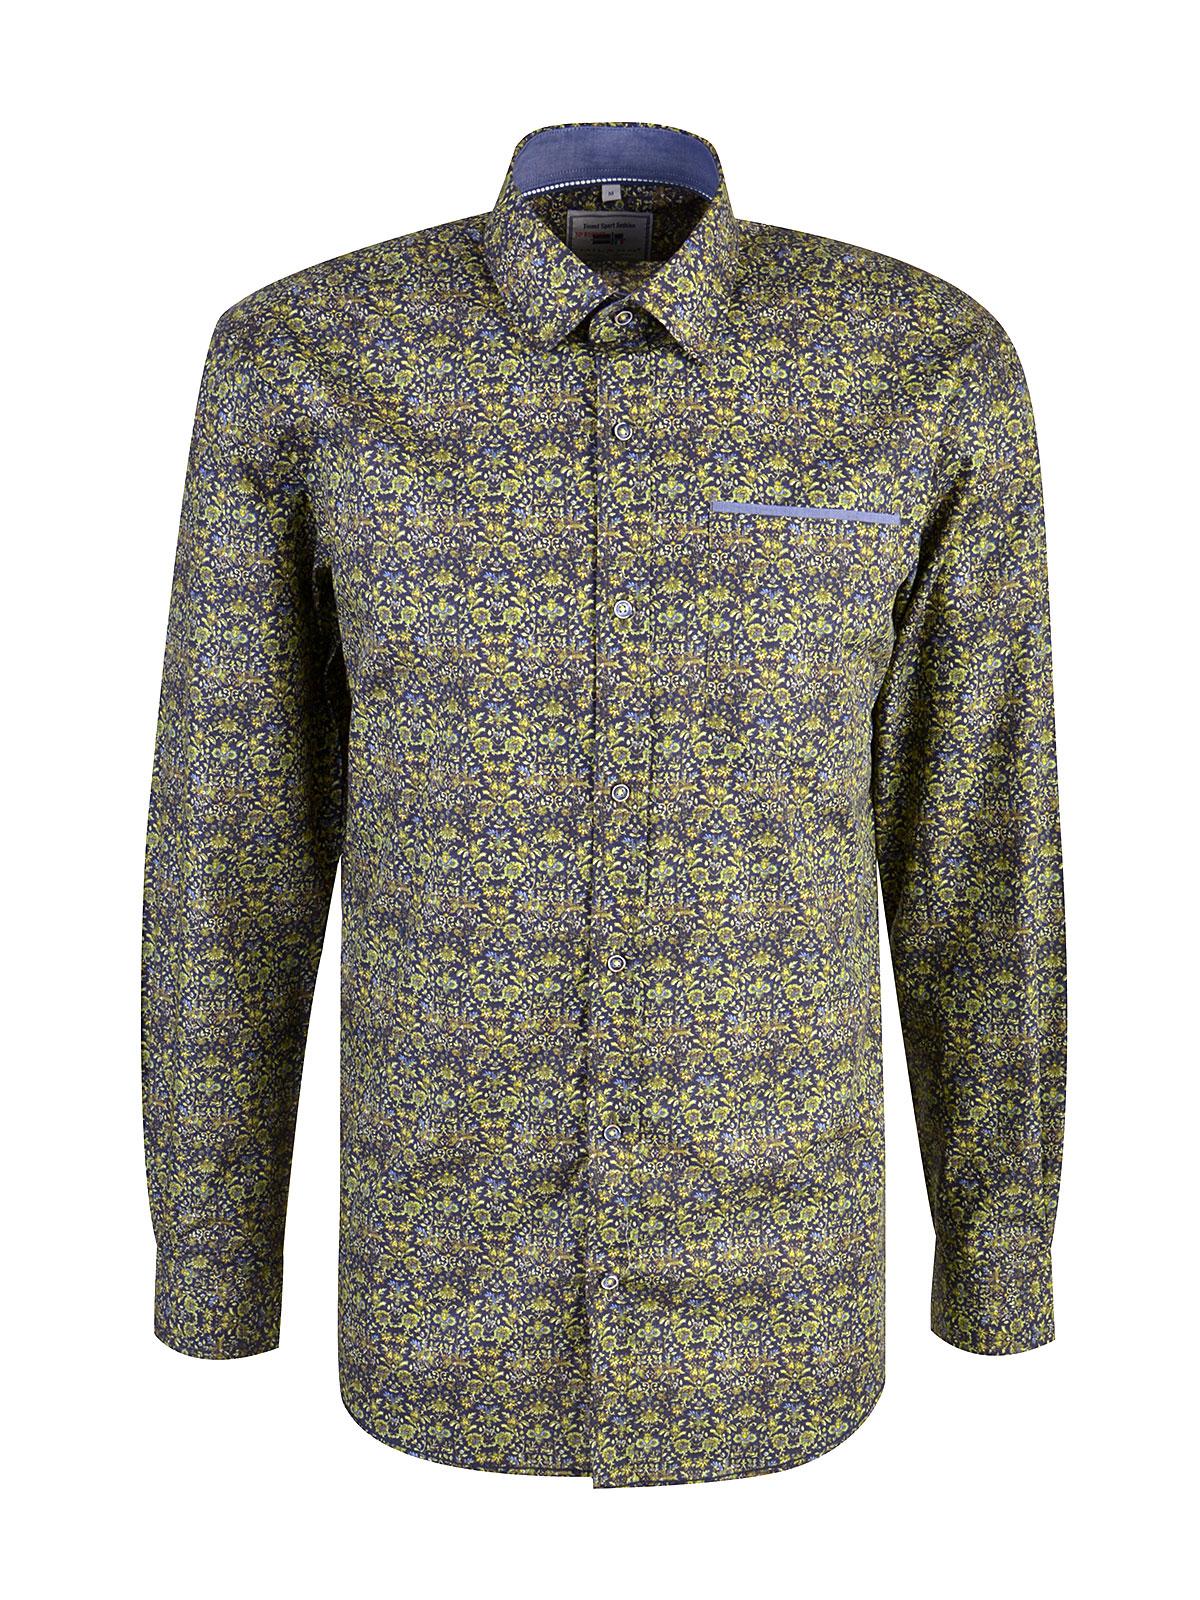 on sale 23b7d 8618b Hemden ➤ DESIGNERMODE.COM | designermode.com